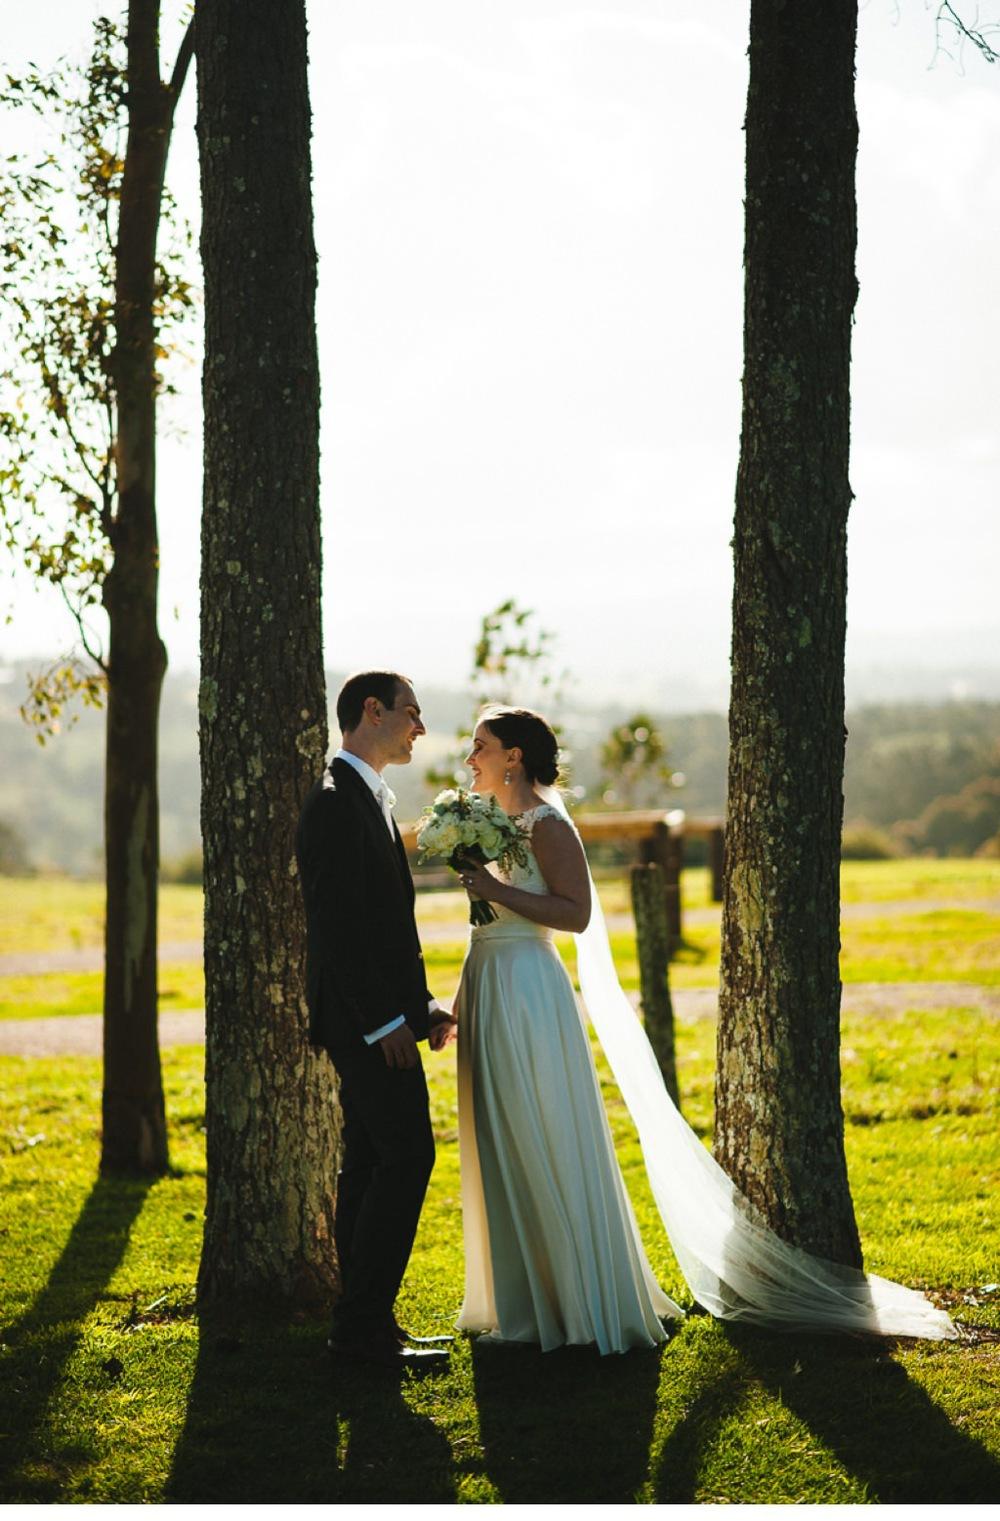 MORGANROBERTS_ROBBIEANDBEC_BYRONBAY_WEDDING_057.jpg